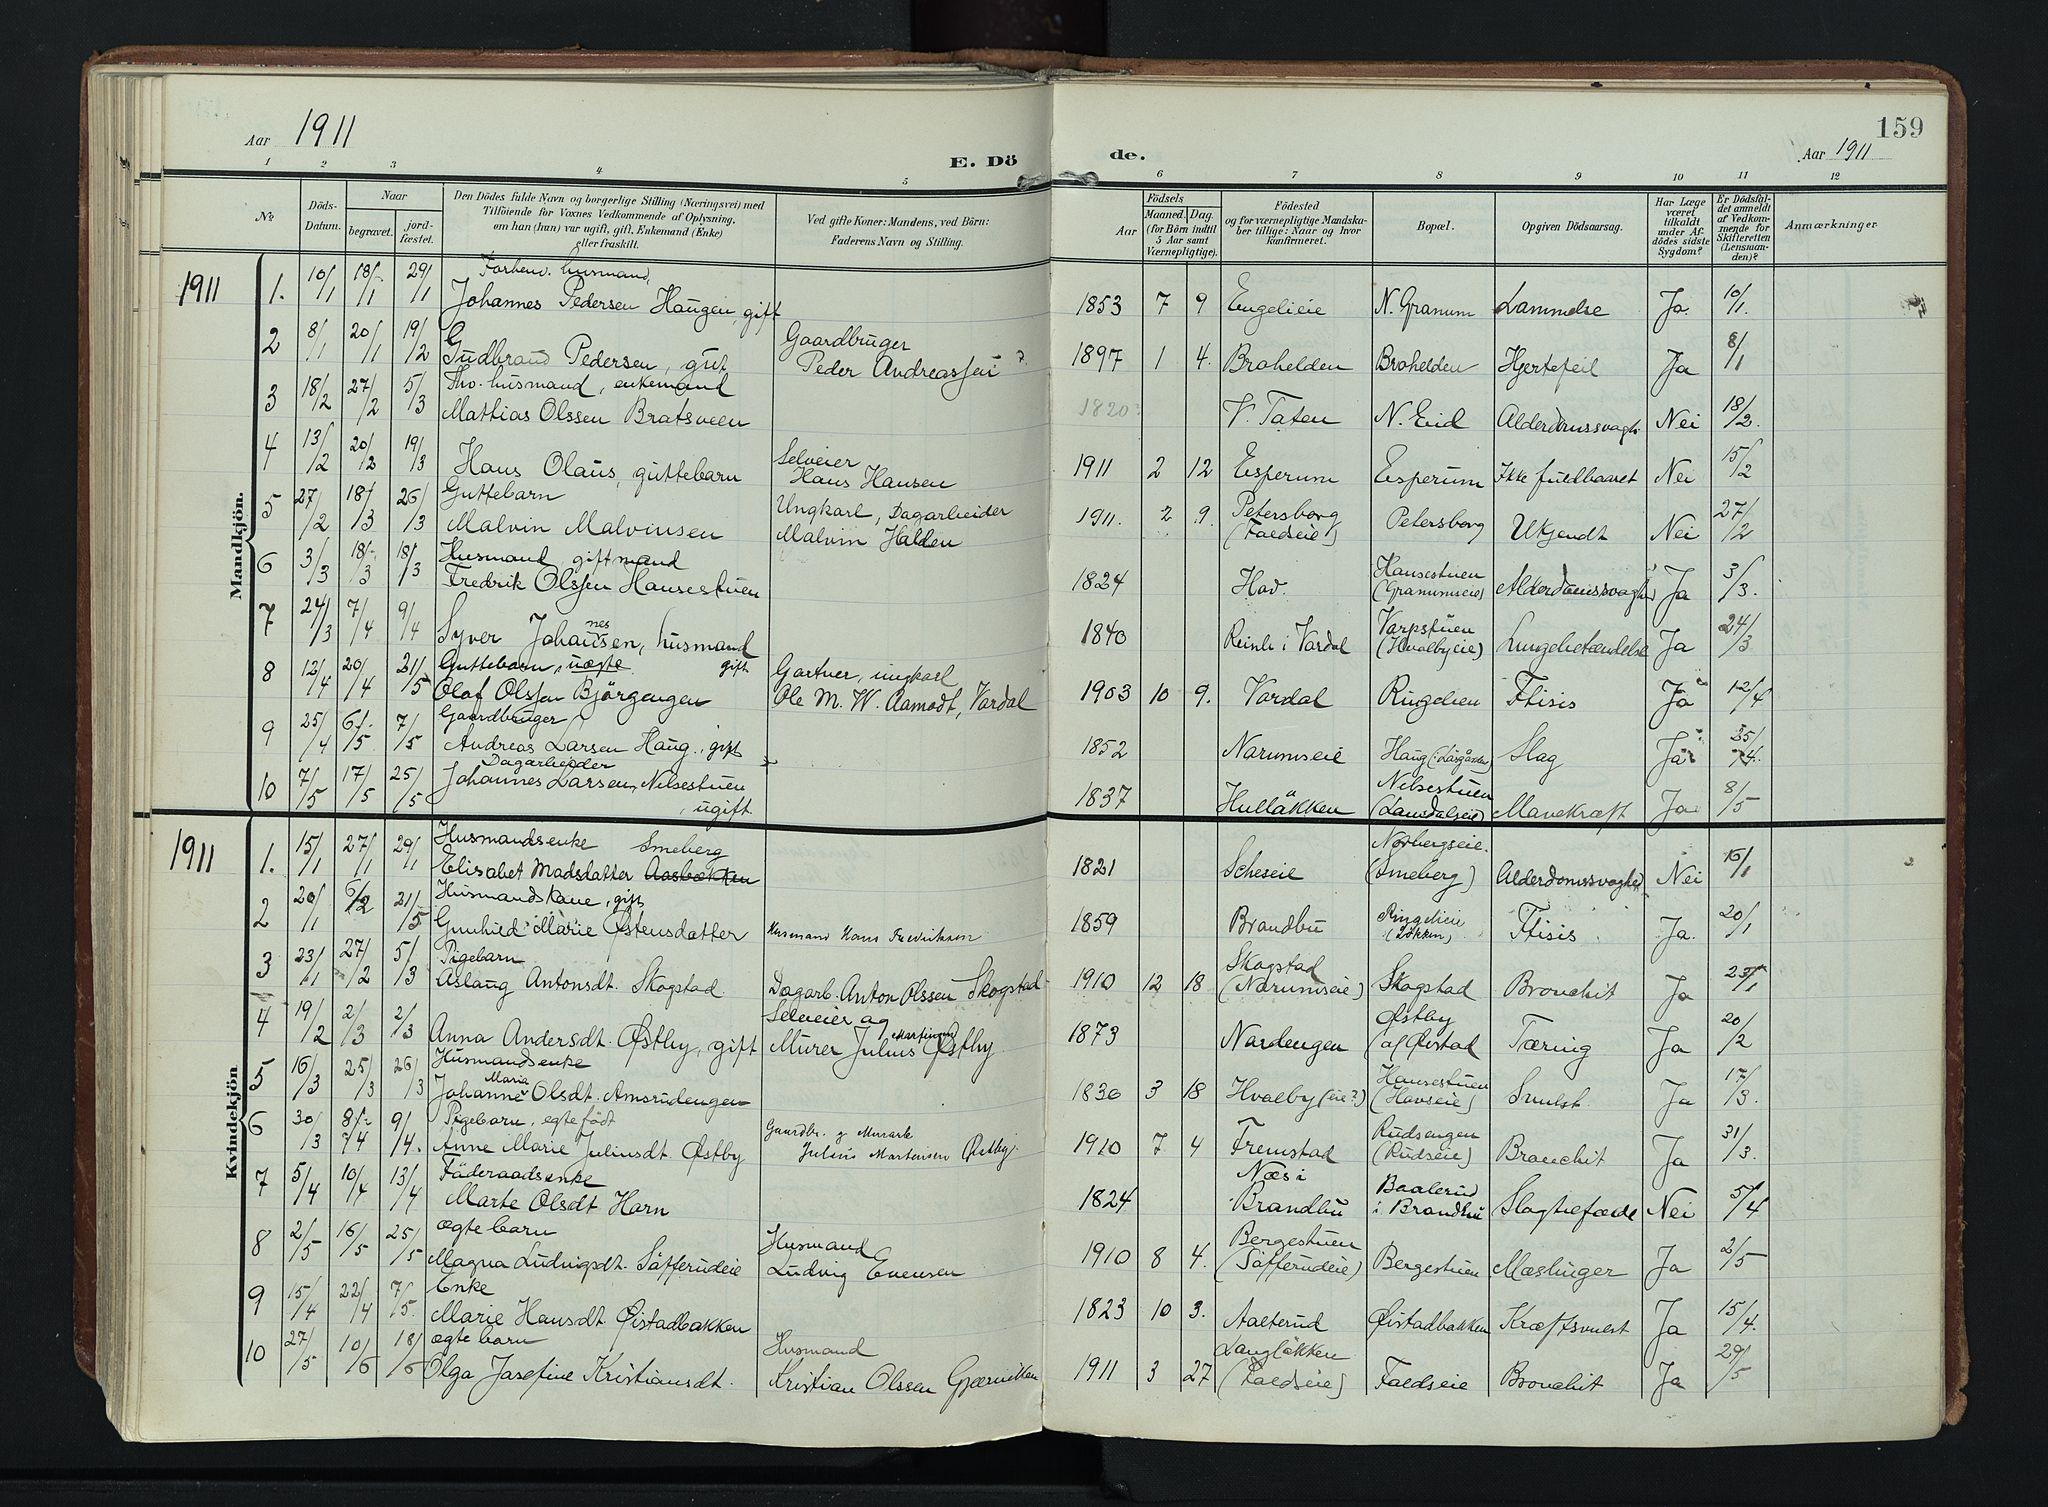 SAH, Søndre Land prestekontor, K/L0007: Ministerialbok nr. 7, 1905-1914, s. 159